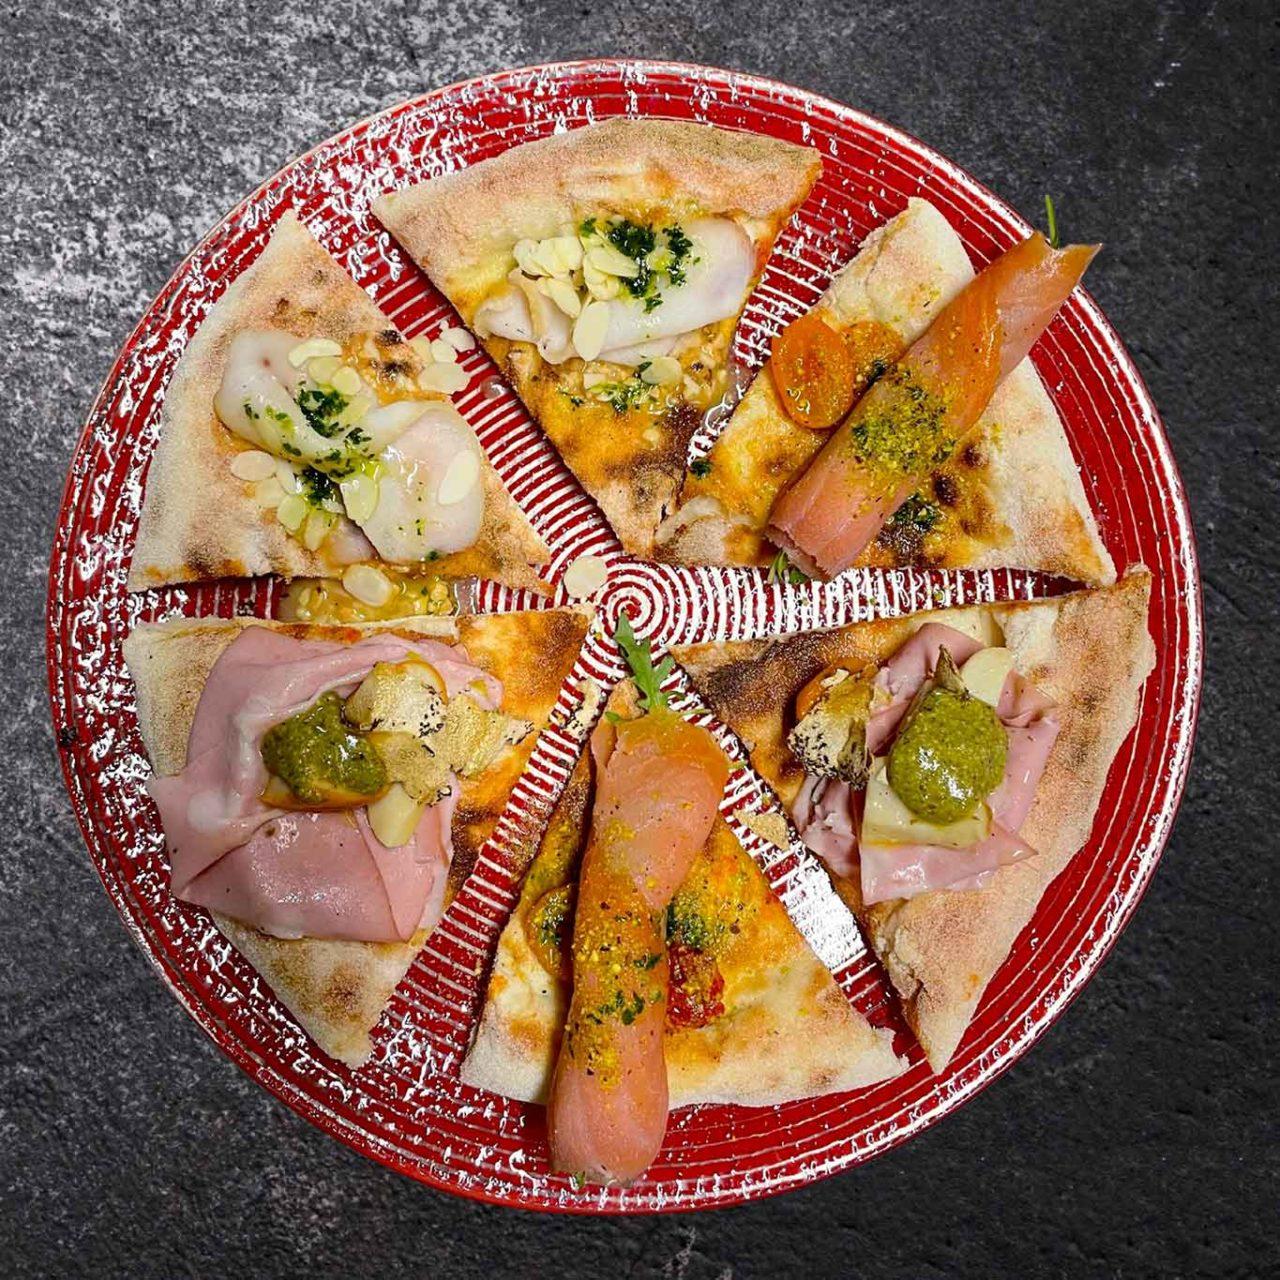 degustazione alla pizzeria Caveau a Ispica in Sicilia celebrata da Selvaggia Lucarelli